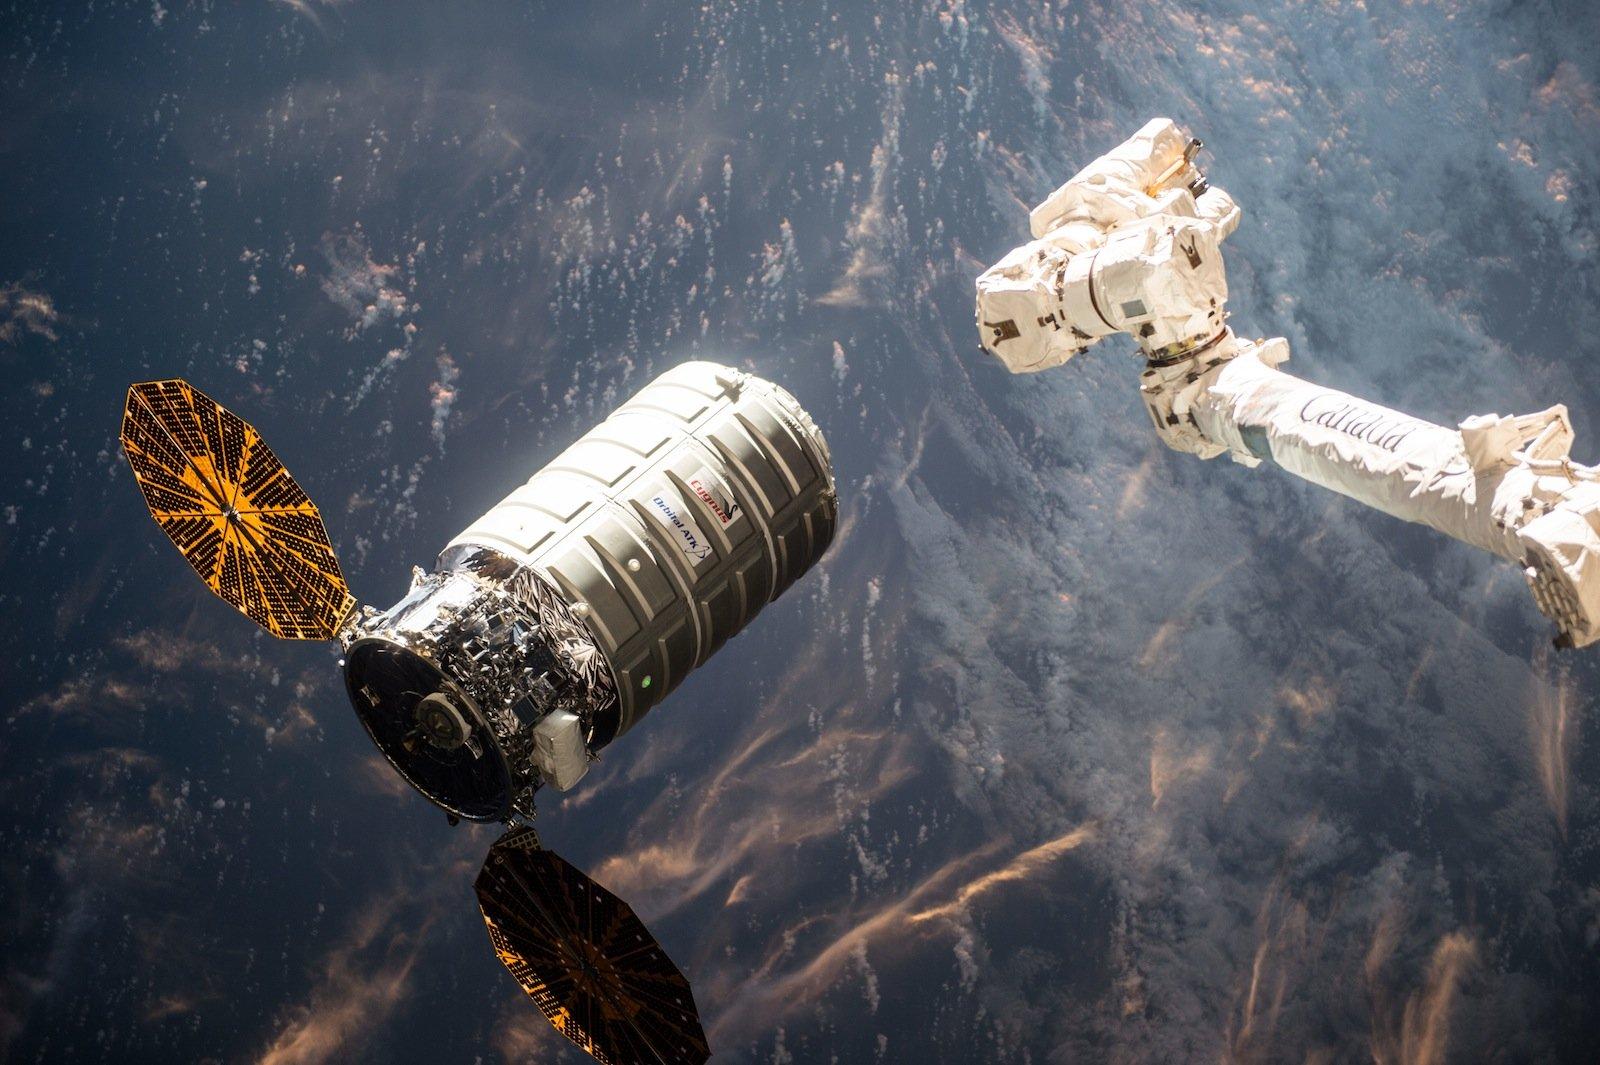 Der Cygnus-Raumtransporter Orb 6 mit dem Vorgänger-Experiment Saffire I kurz vor dem Ankoppeln an die ISS im März 2016.